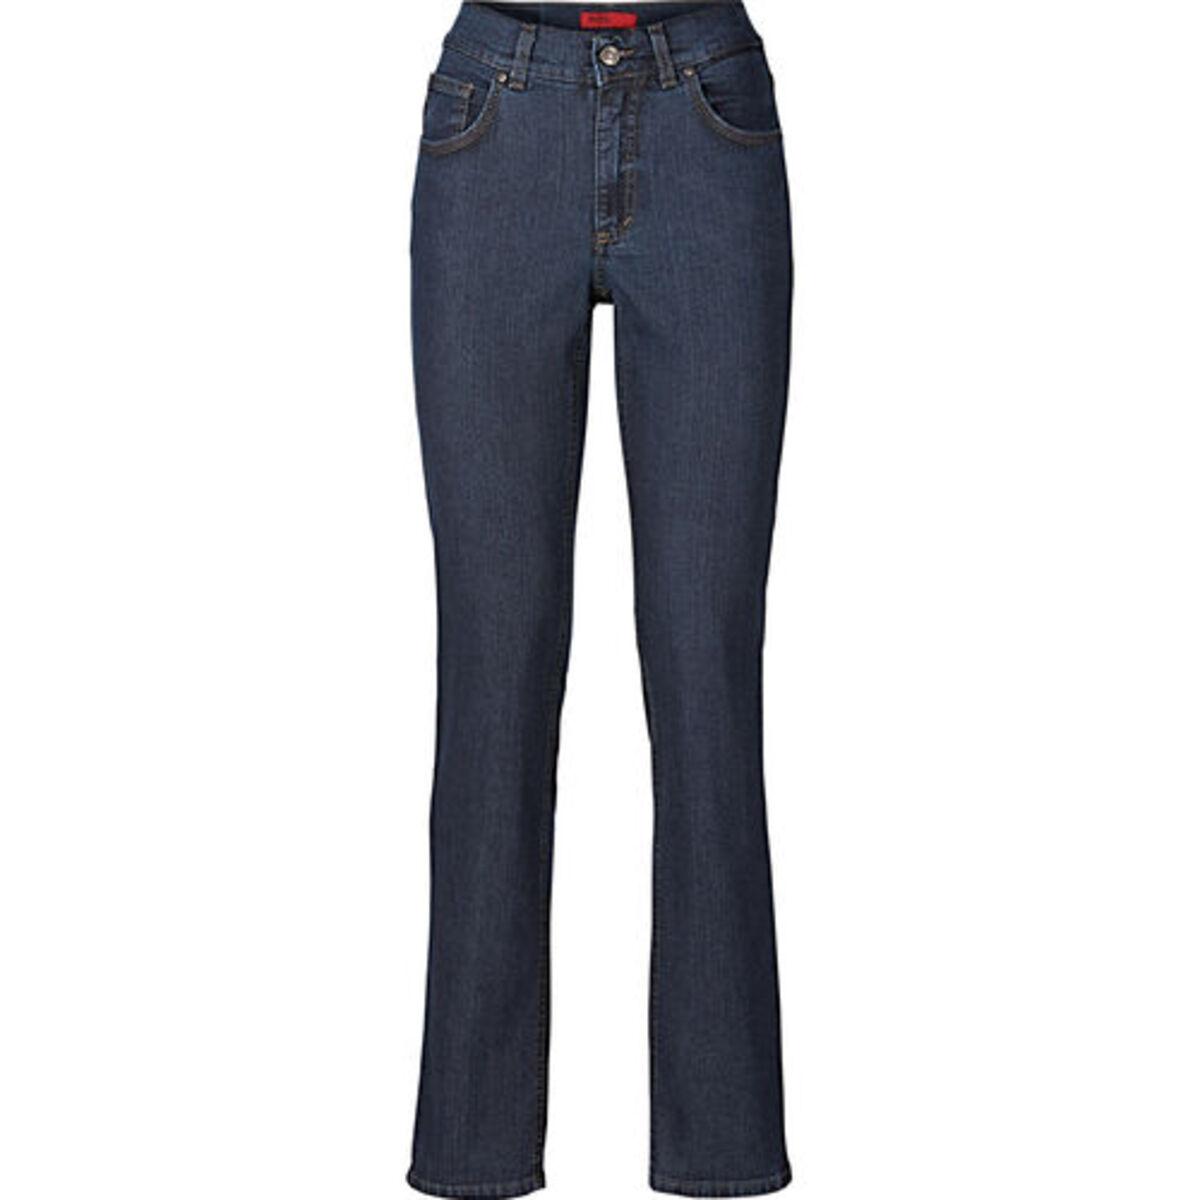 """Bild 5 von Angels Damen Jeans """"Cici"""", dark washed, W38/L32, W38/L32"""